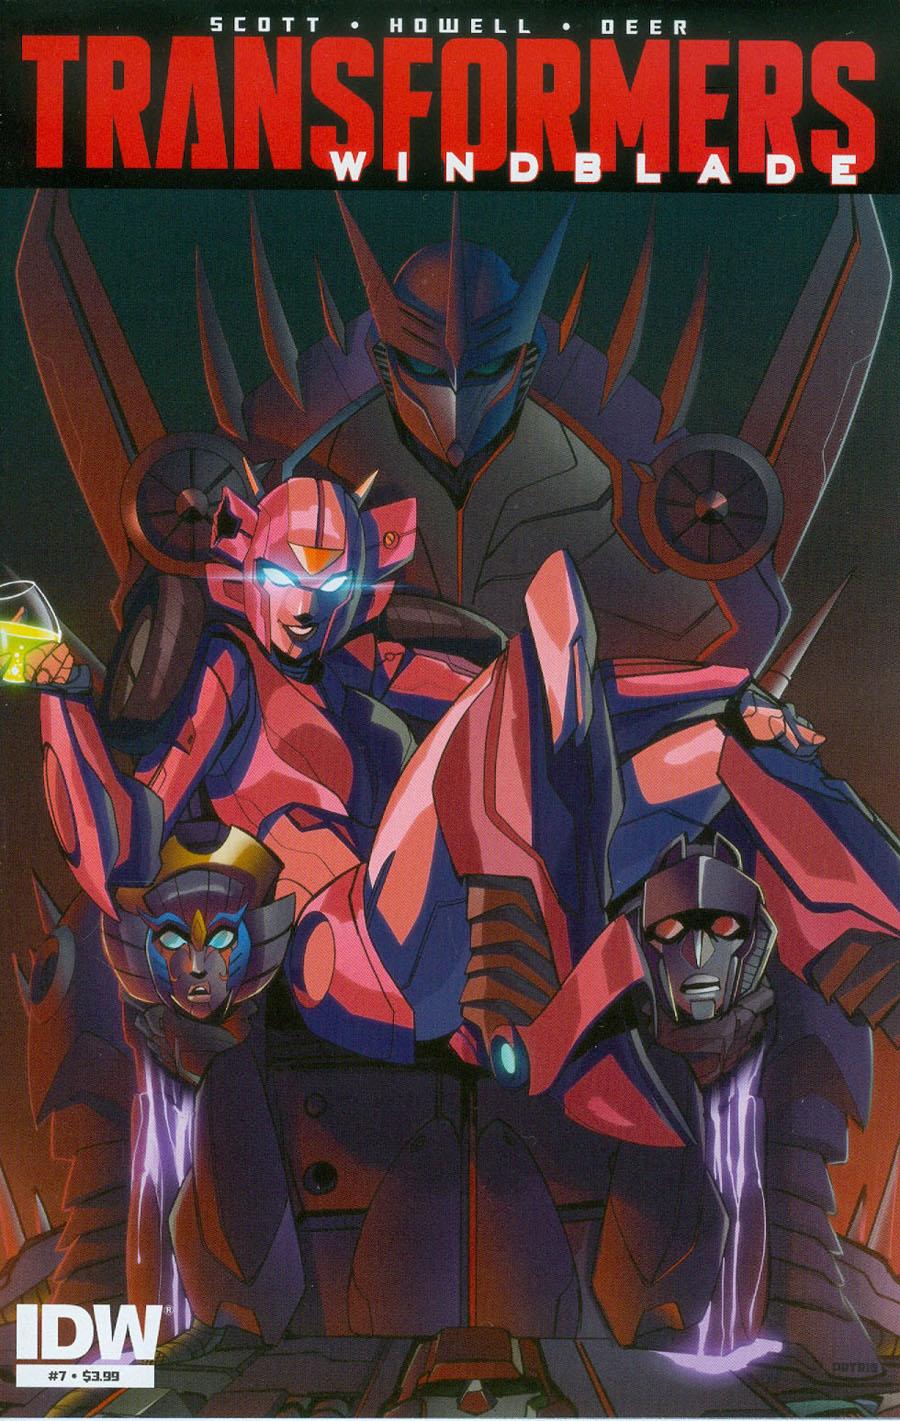 Transformers Windblade Vol 2 #7 Cover A Regular Priscilla Tramontano Cover